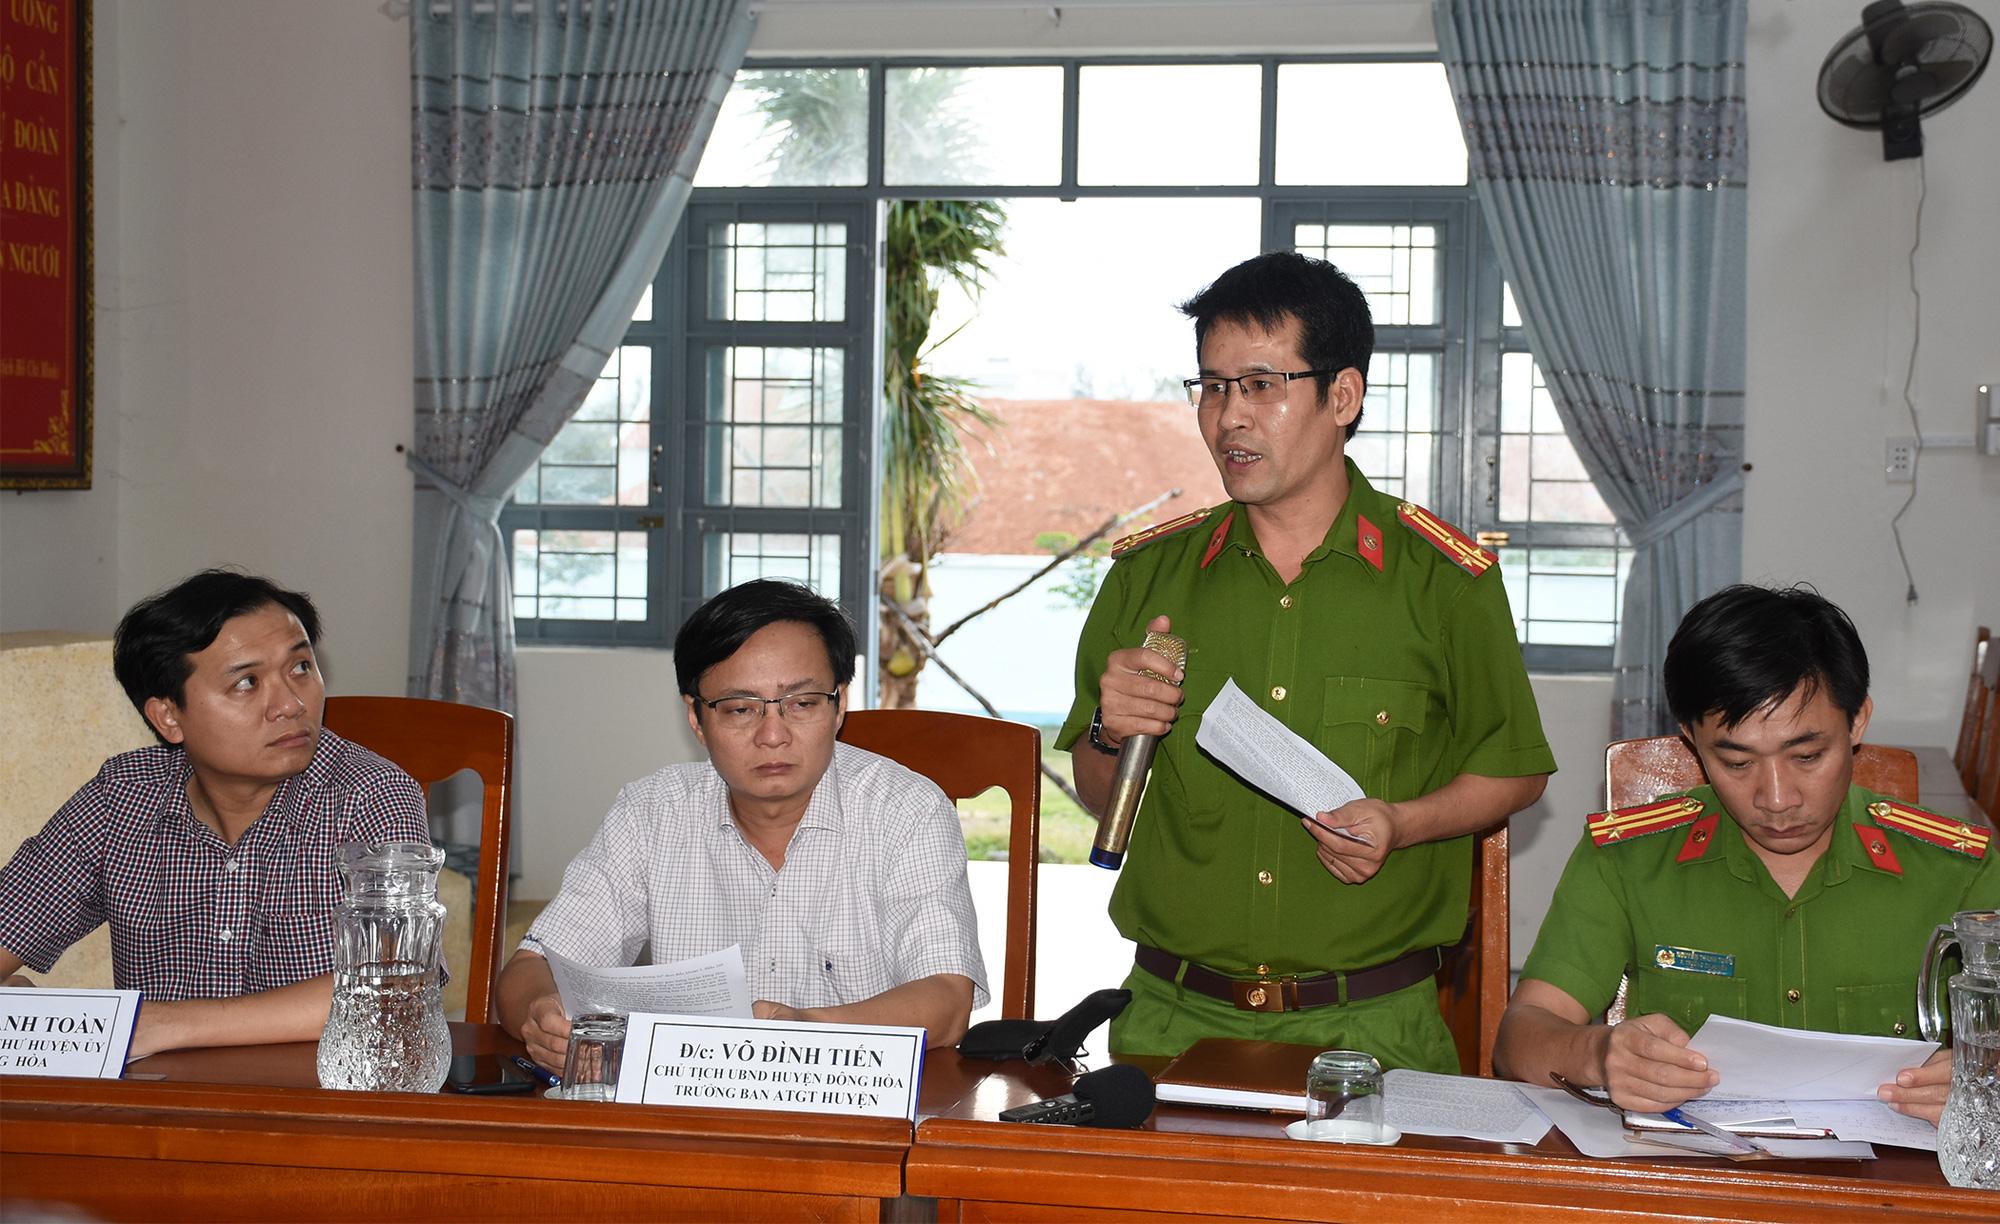 Drunk, unlicensed driver responsible for fatal crash in Vietnam: police